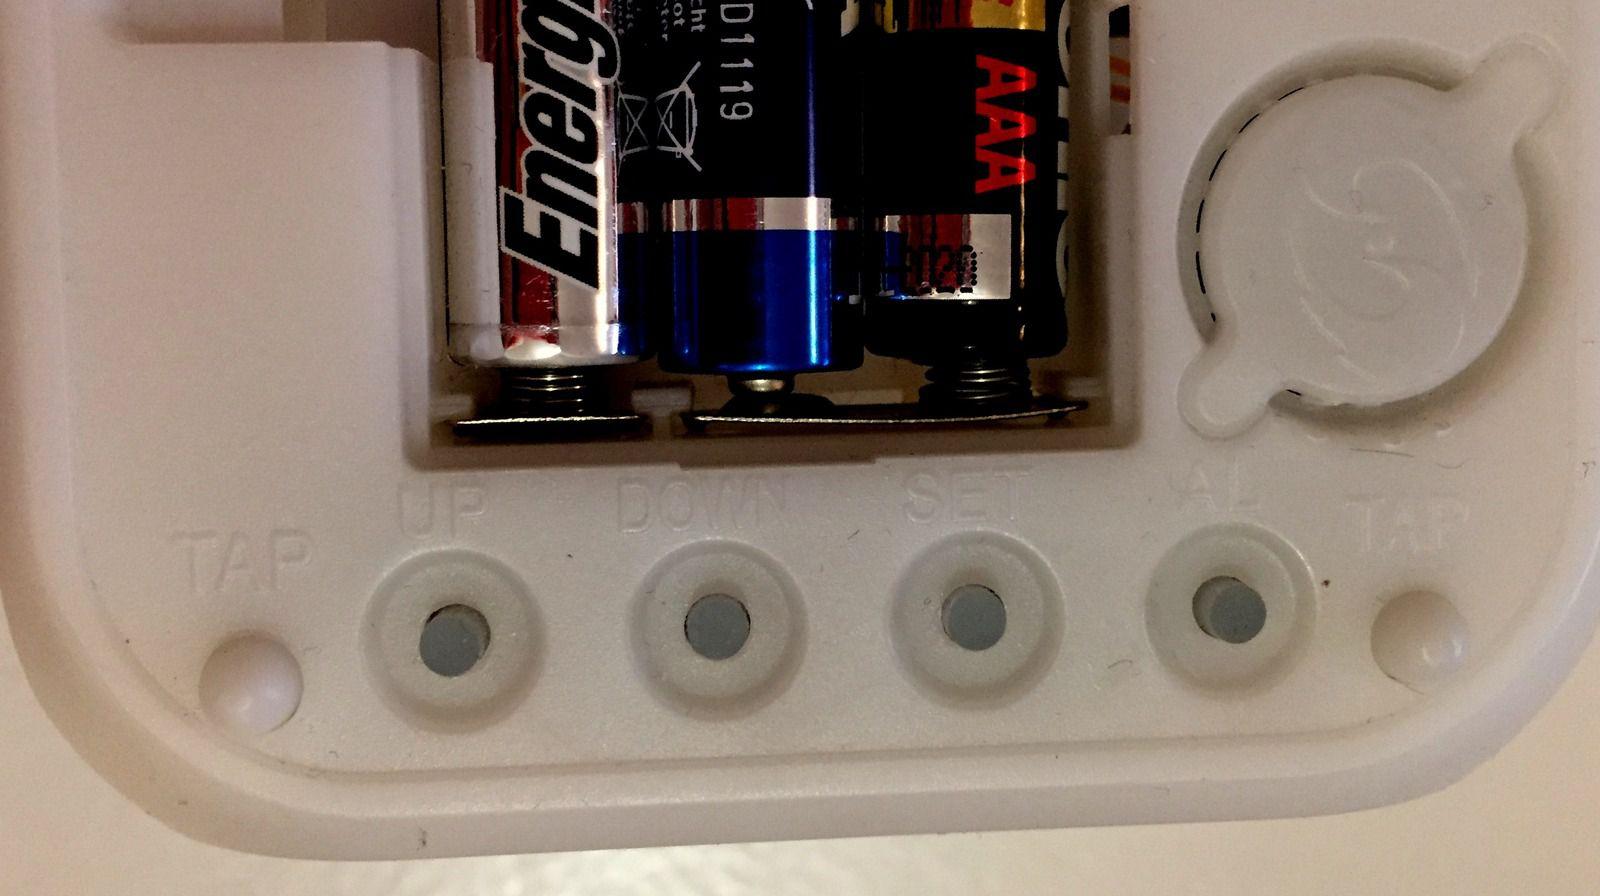 reveil matin alarm digital lumiere d'ambiance  son de la nature LBUYR sur charlotteblablablog